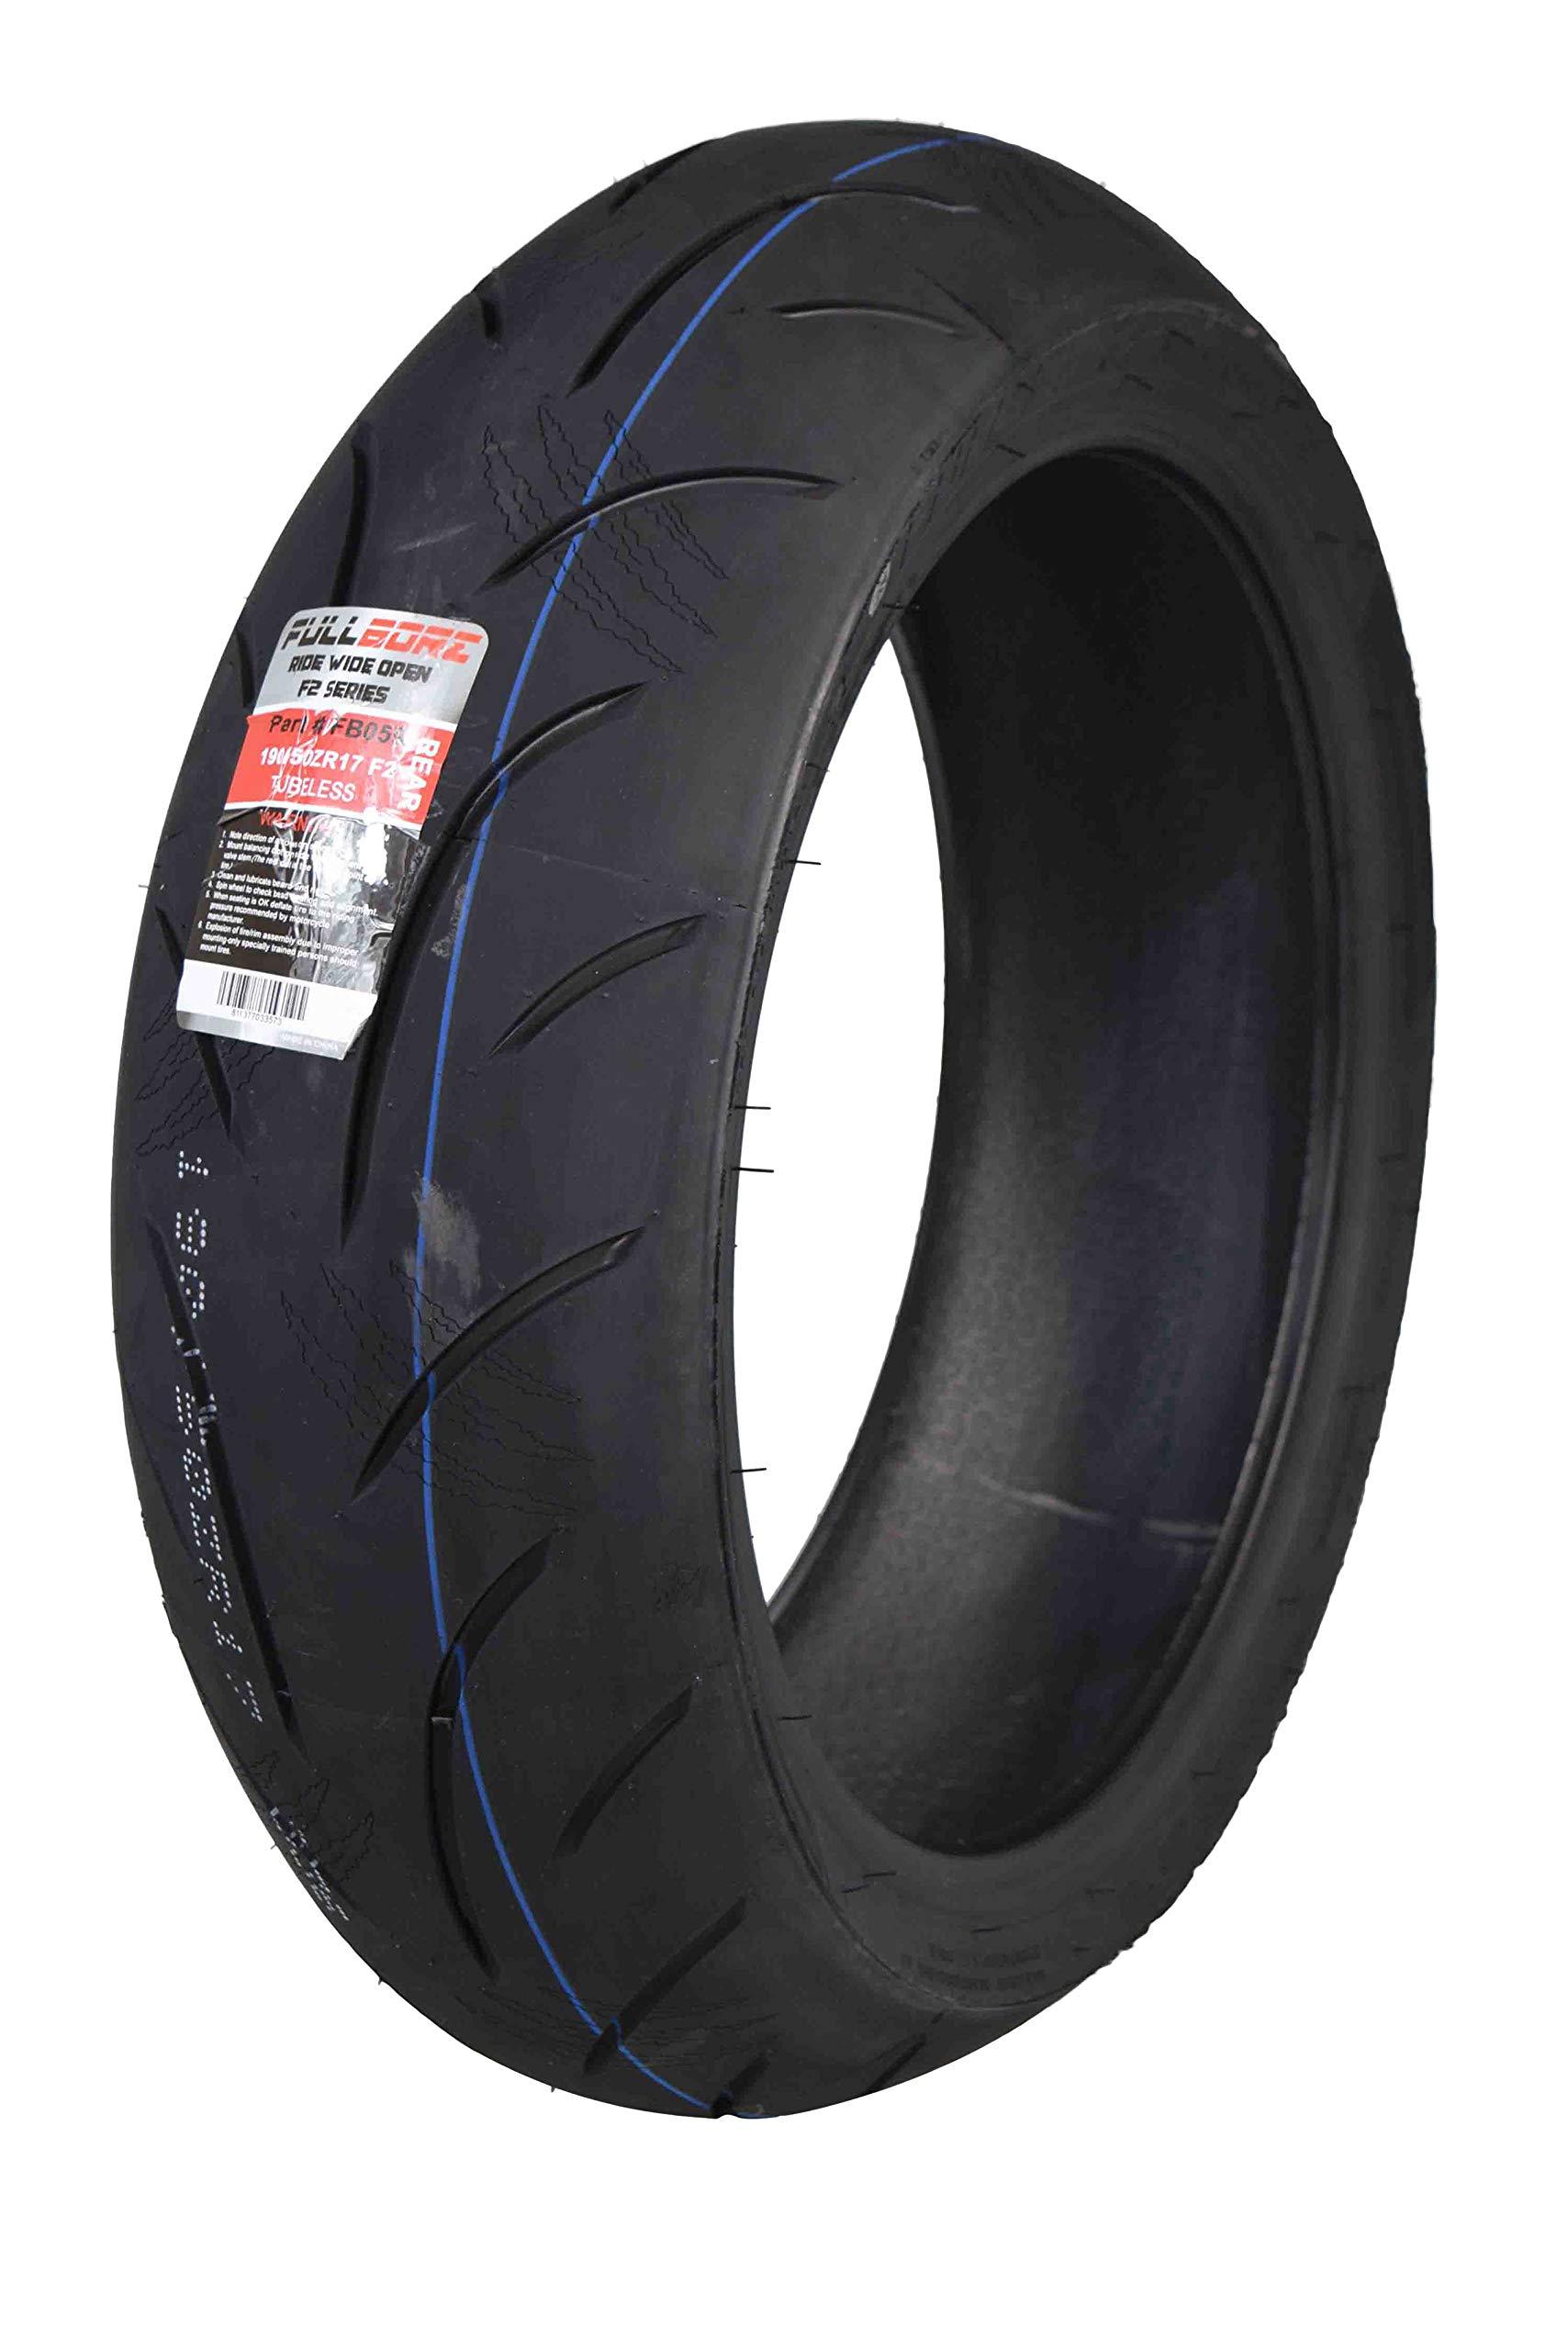 Full Bore Super Bike F2 Rear Motorcycle Tire (190/50ZR17 Rear) 190/50-17